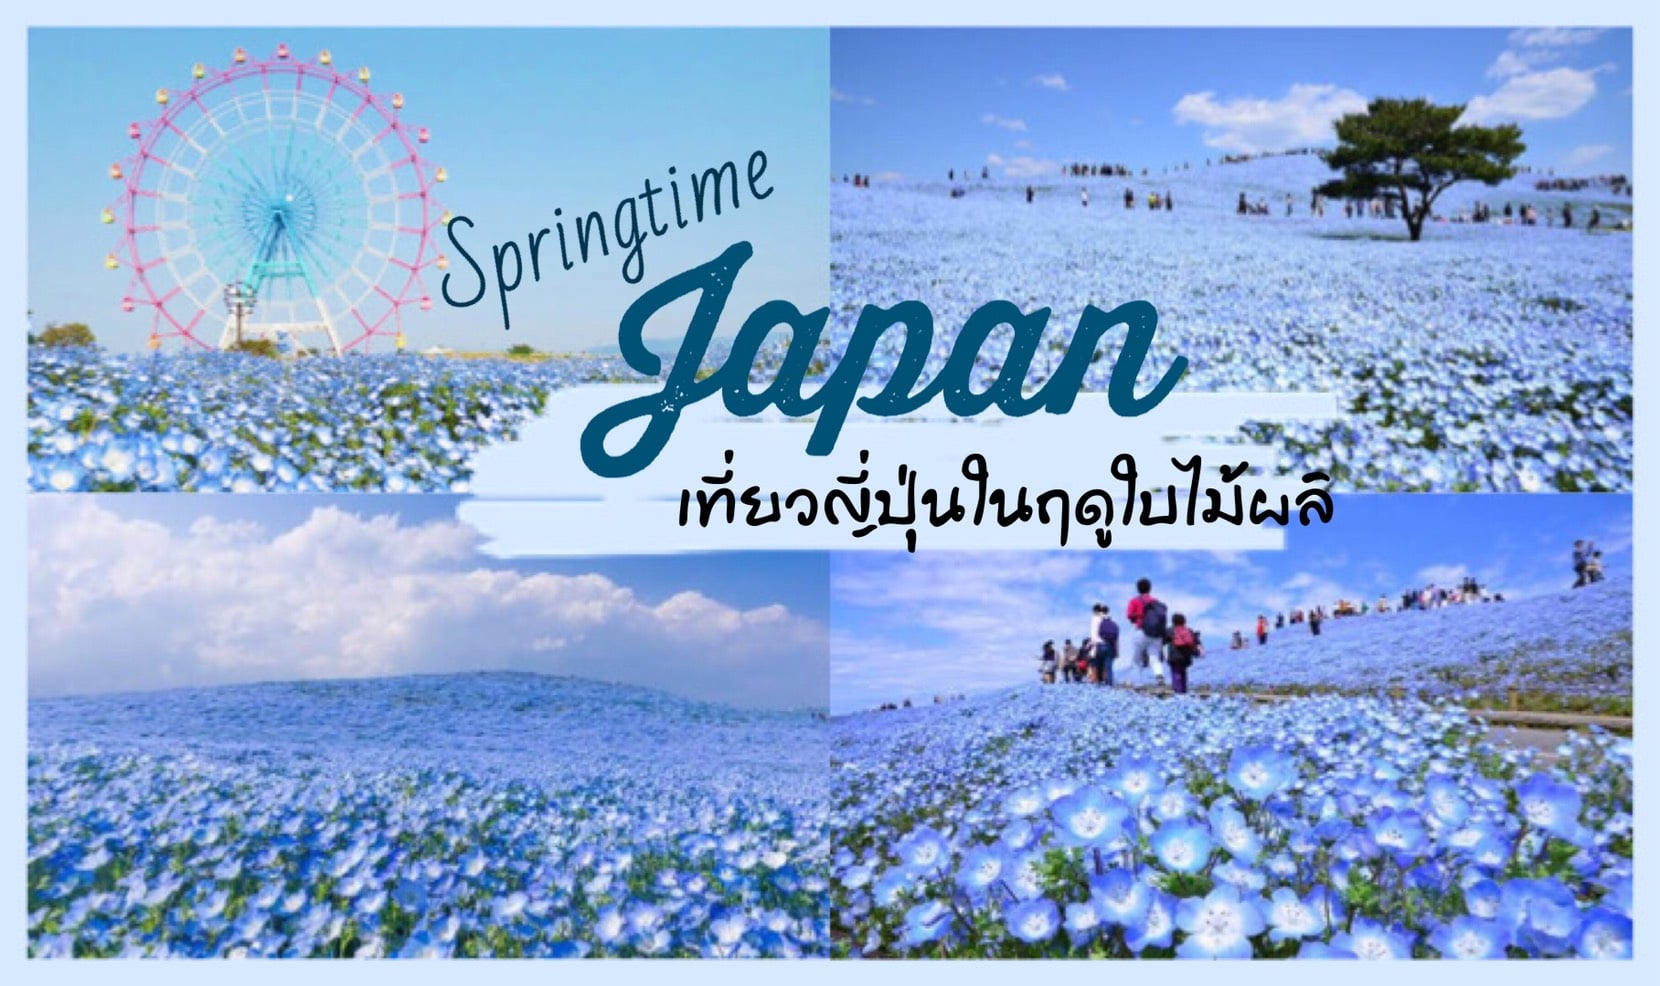 ทัวร์ญี่ปุ่น – เที่ยวญี่ปุ่นในฤดูใบไม้ผลิ นั้นมีอะไรดี ที่ทำให้คุณนั้นต้องอยากไป!